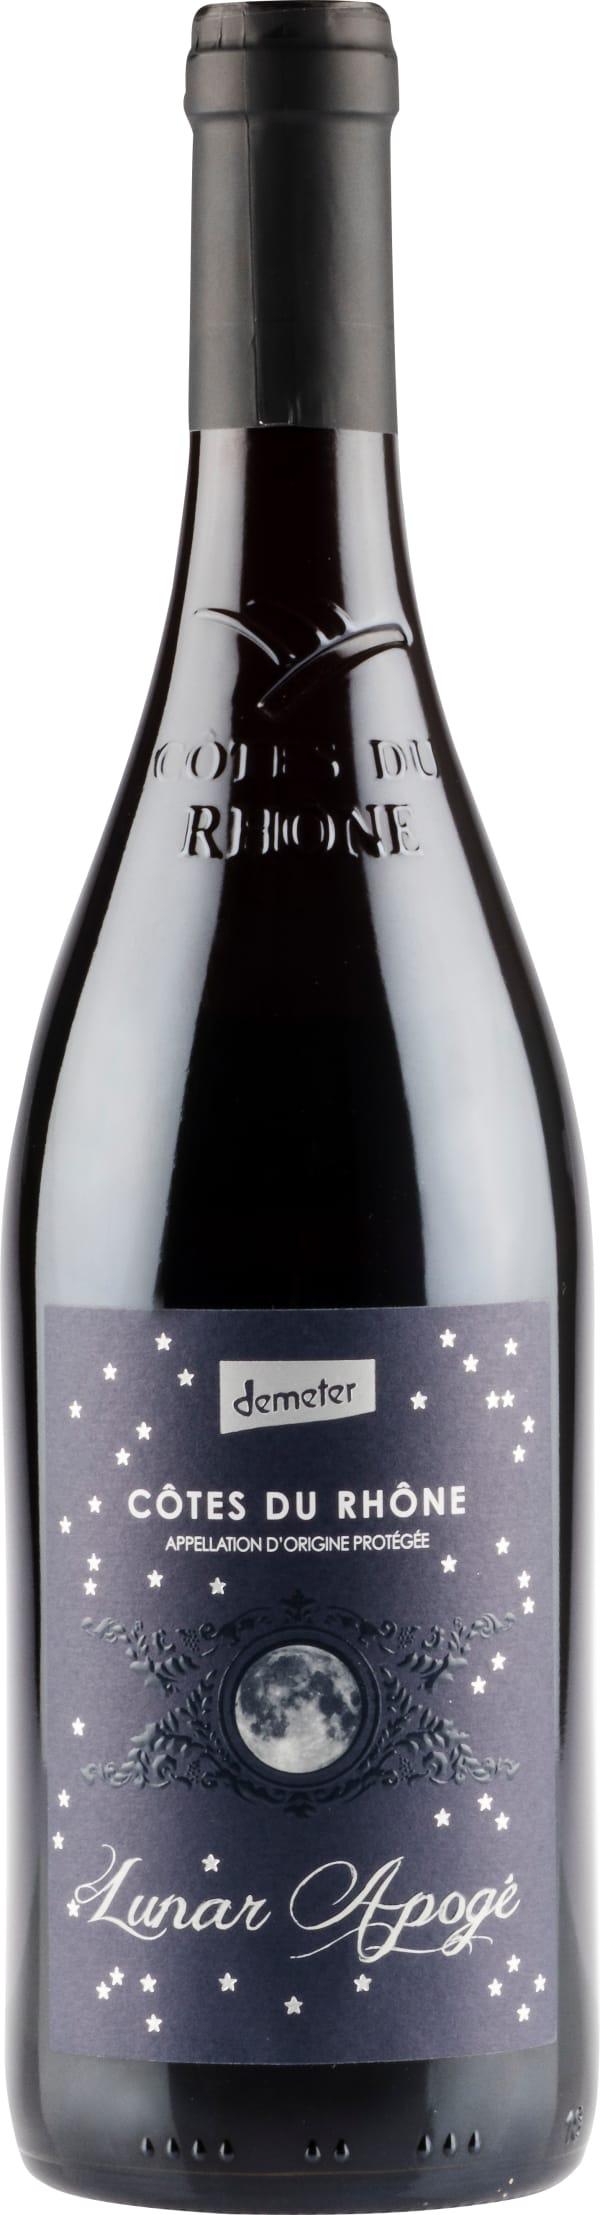 Lunar Apogé Côtes du Rhône 2018